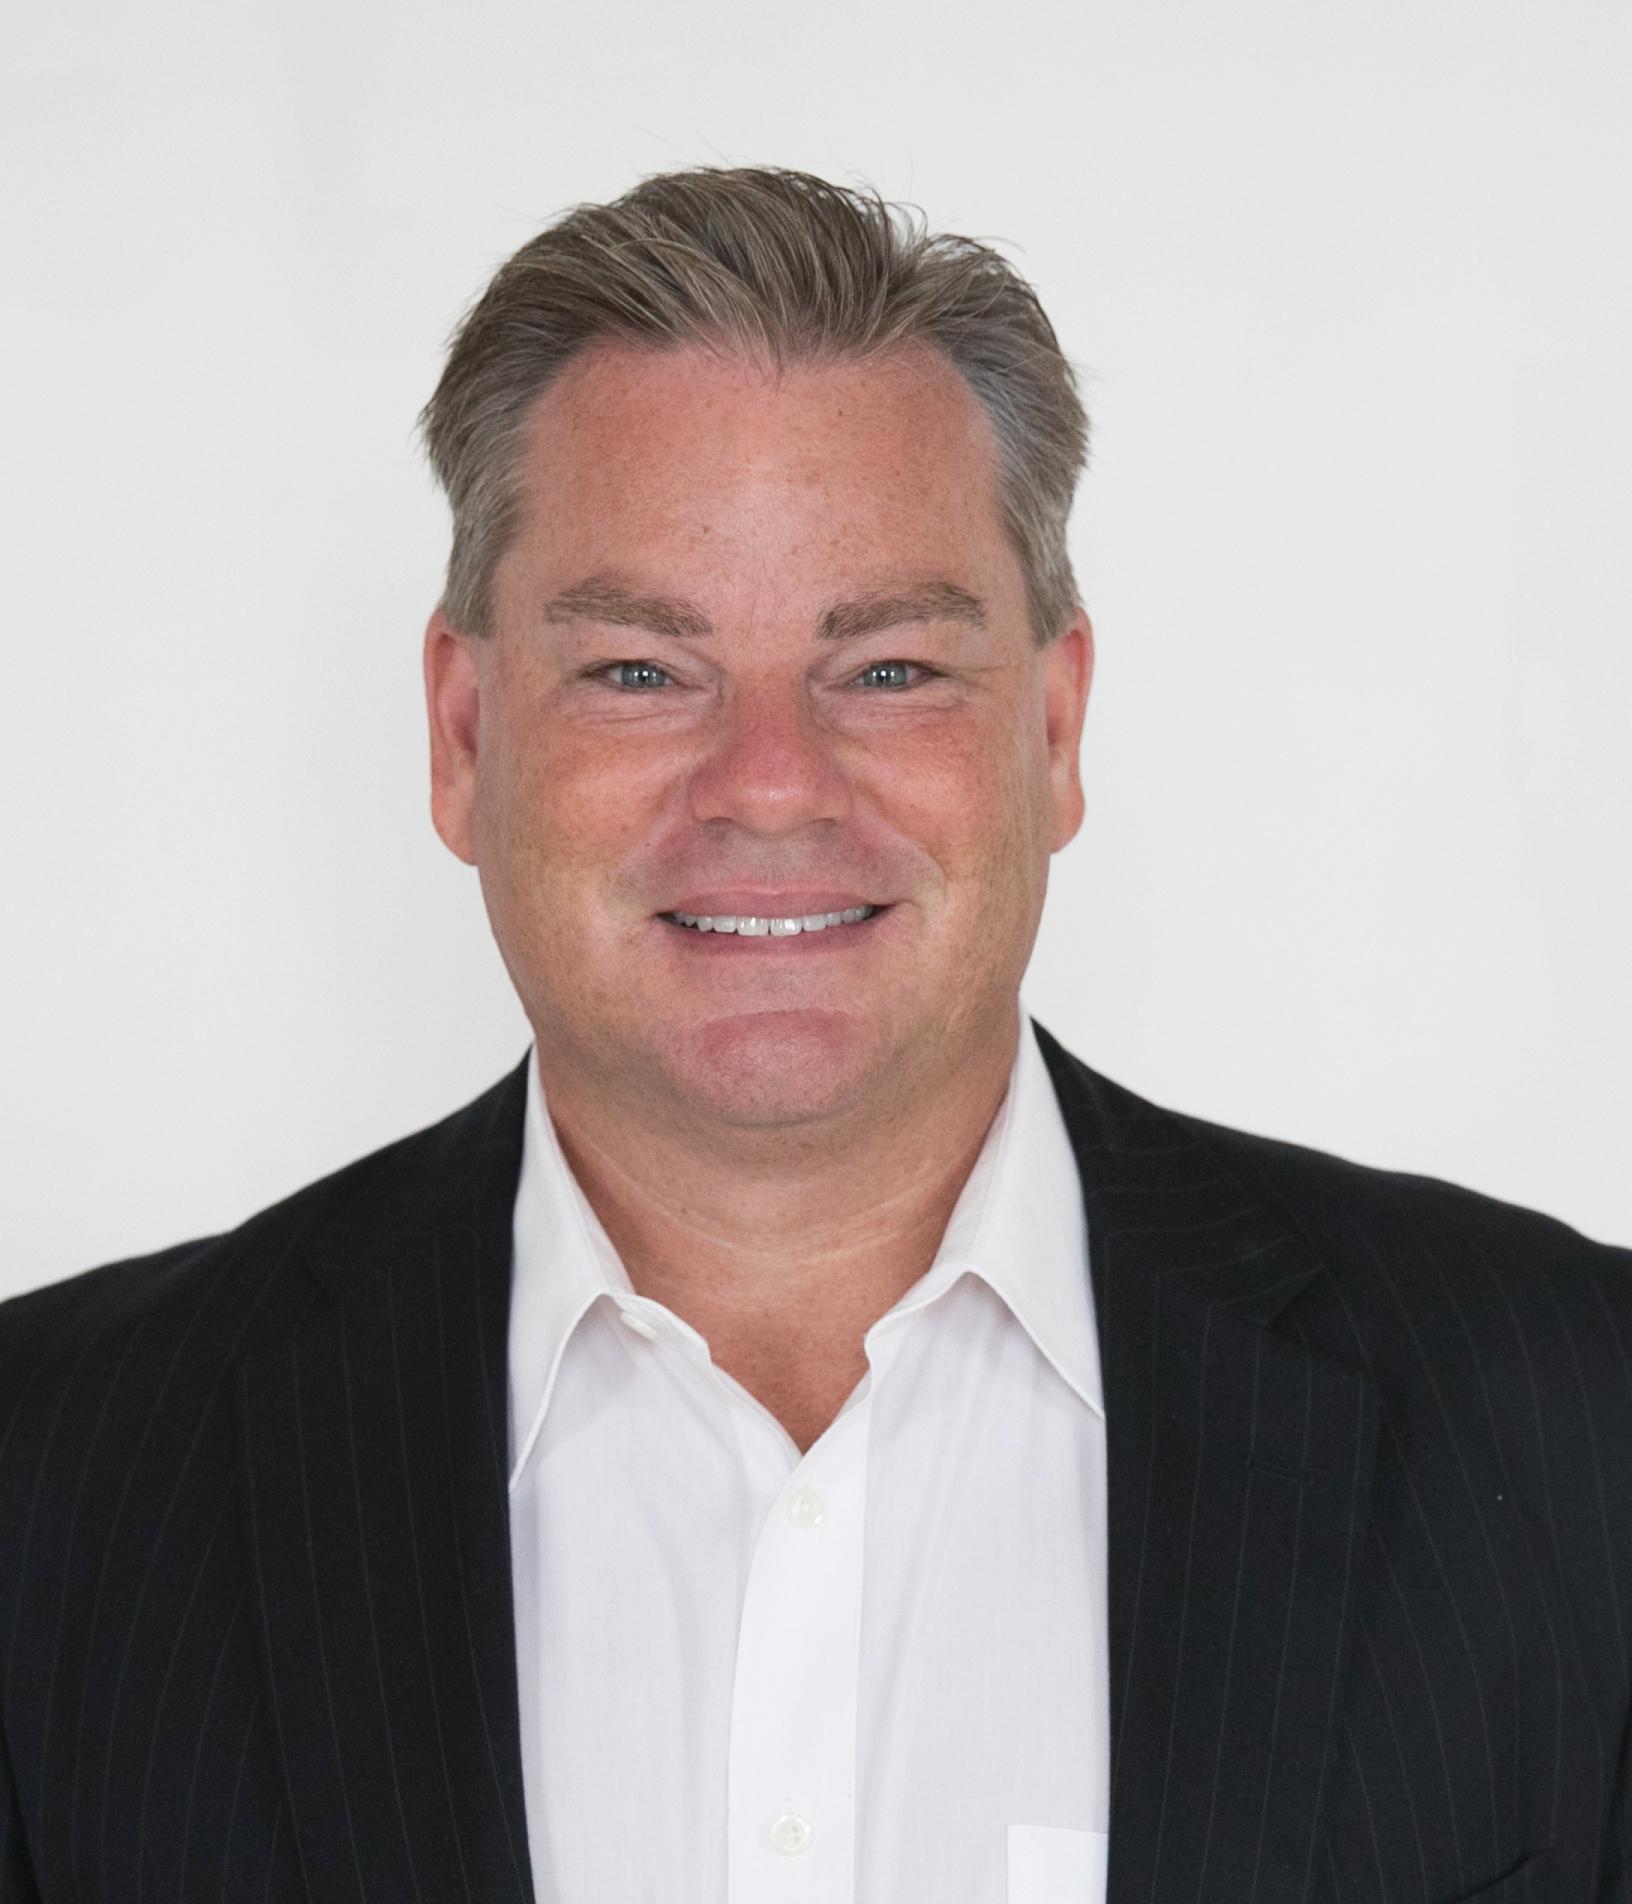 Scott Breidenbach